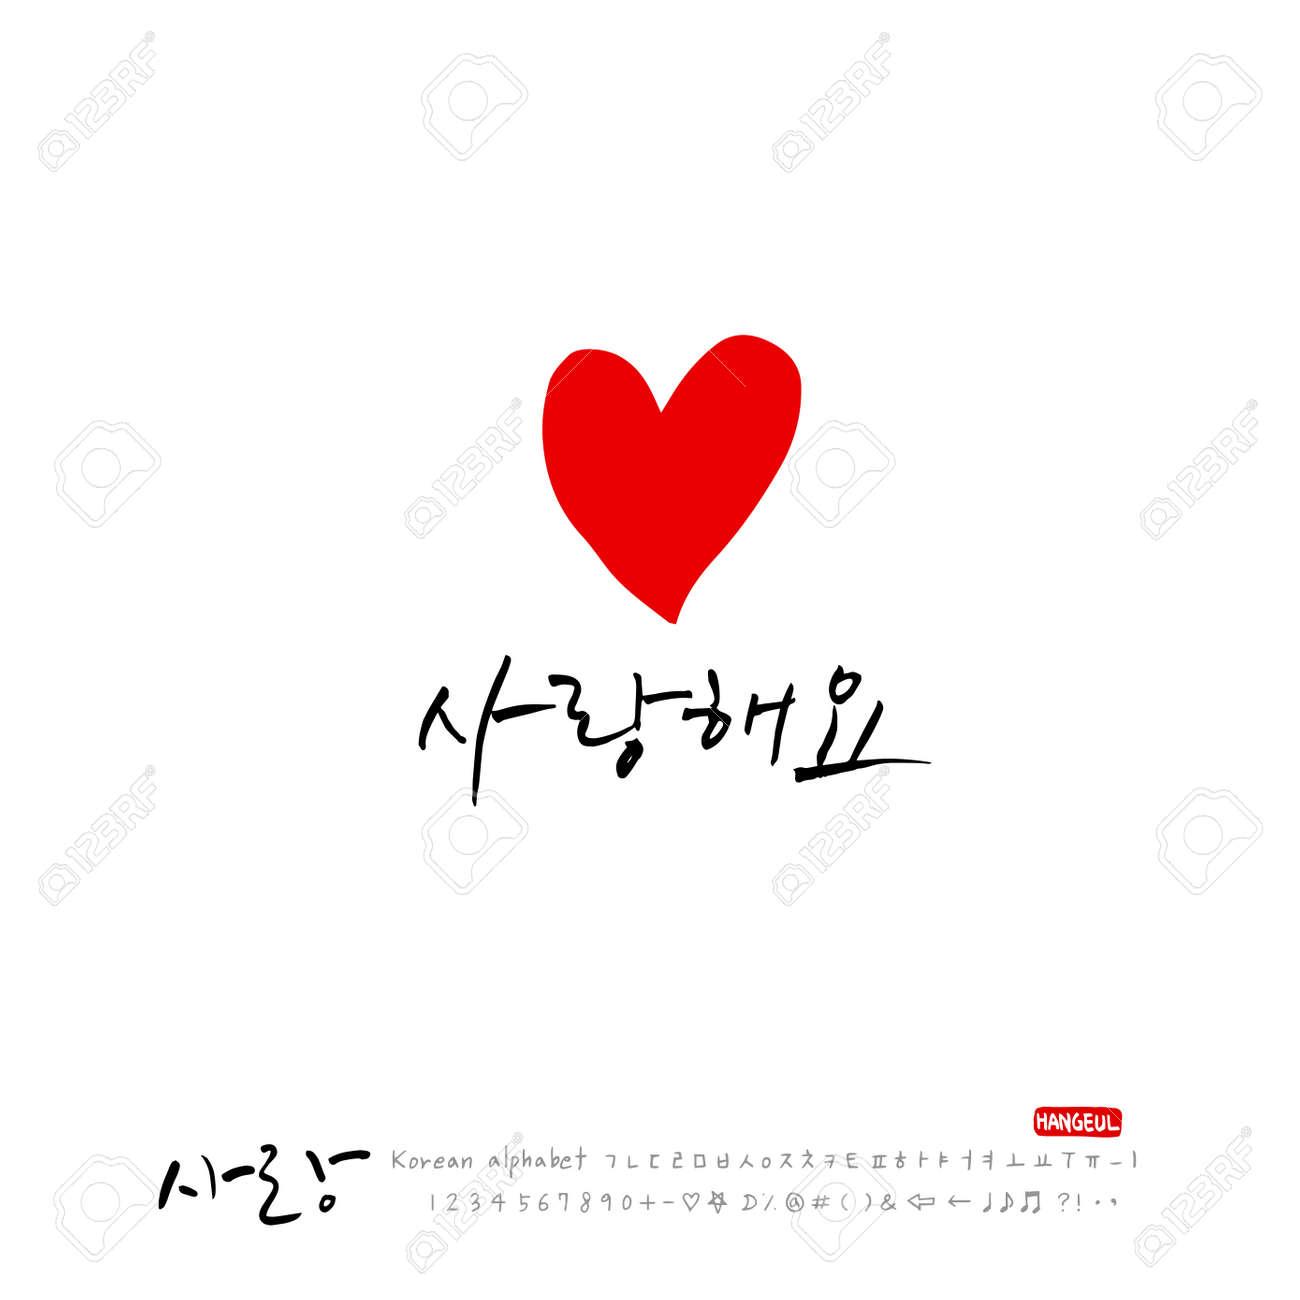 Best korean foundation for mature skin